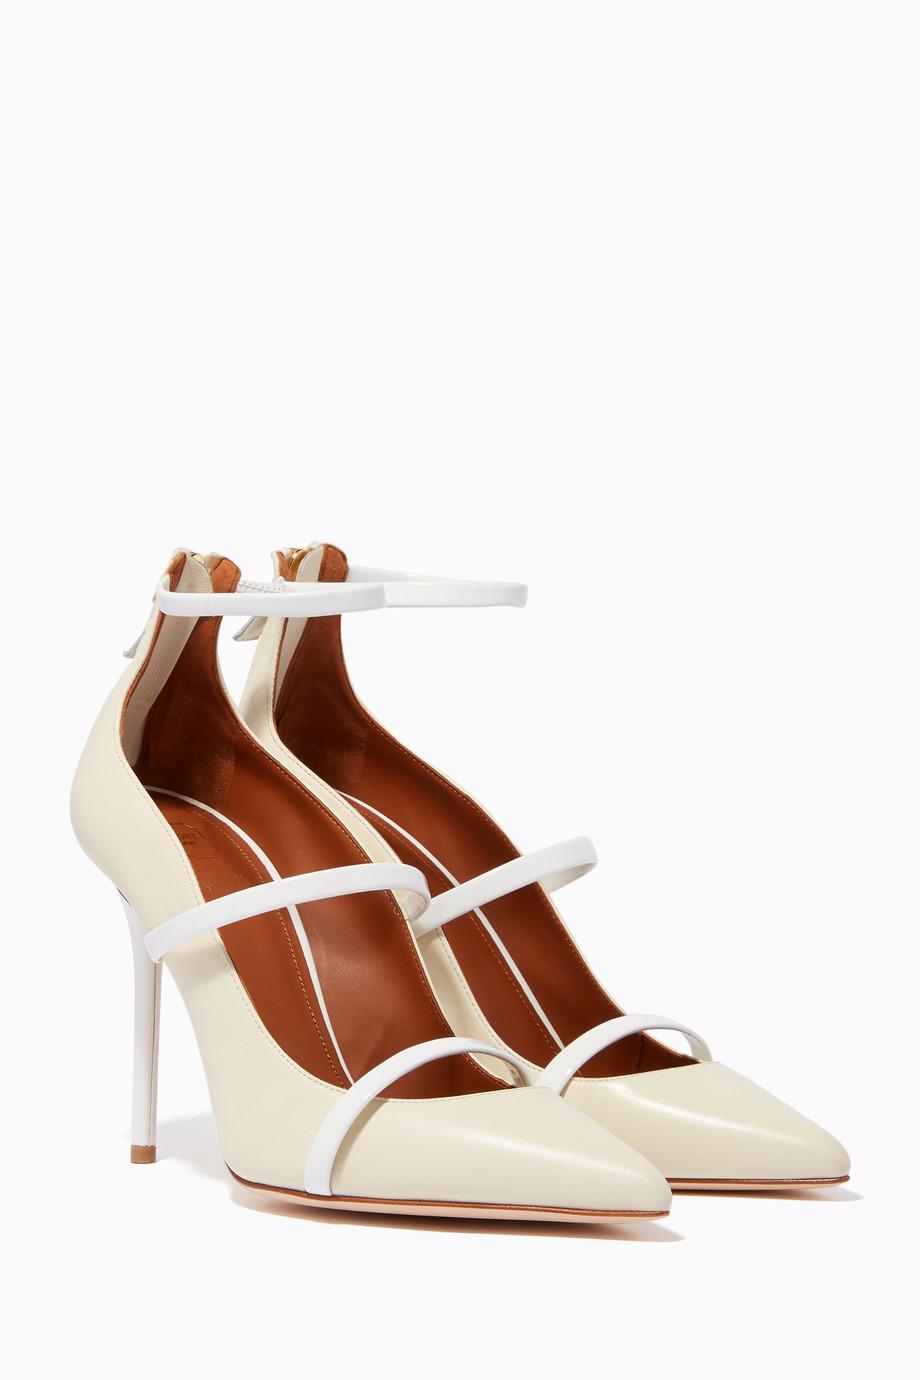 6d5041f13 تسوق حذاء كلاسيك روبين جلد أبيض كريمي Malone Souliers ابيض للنساء ...